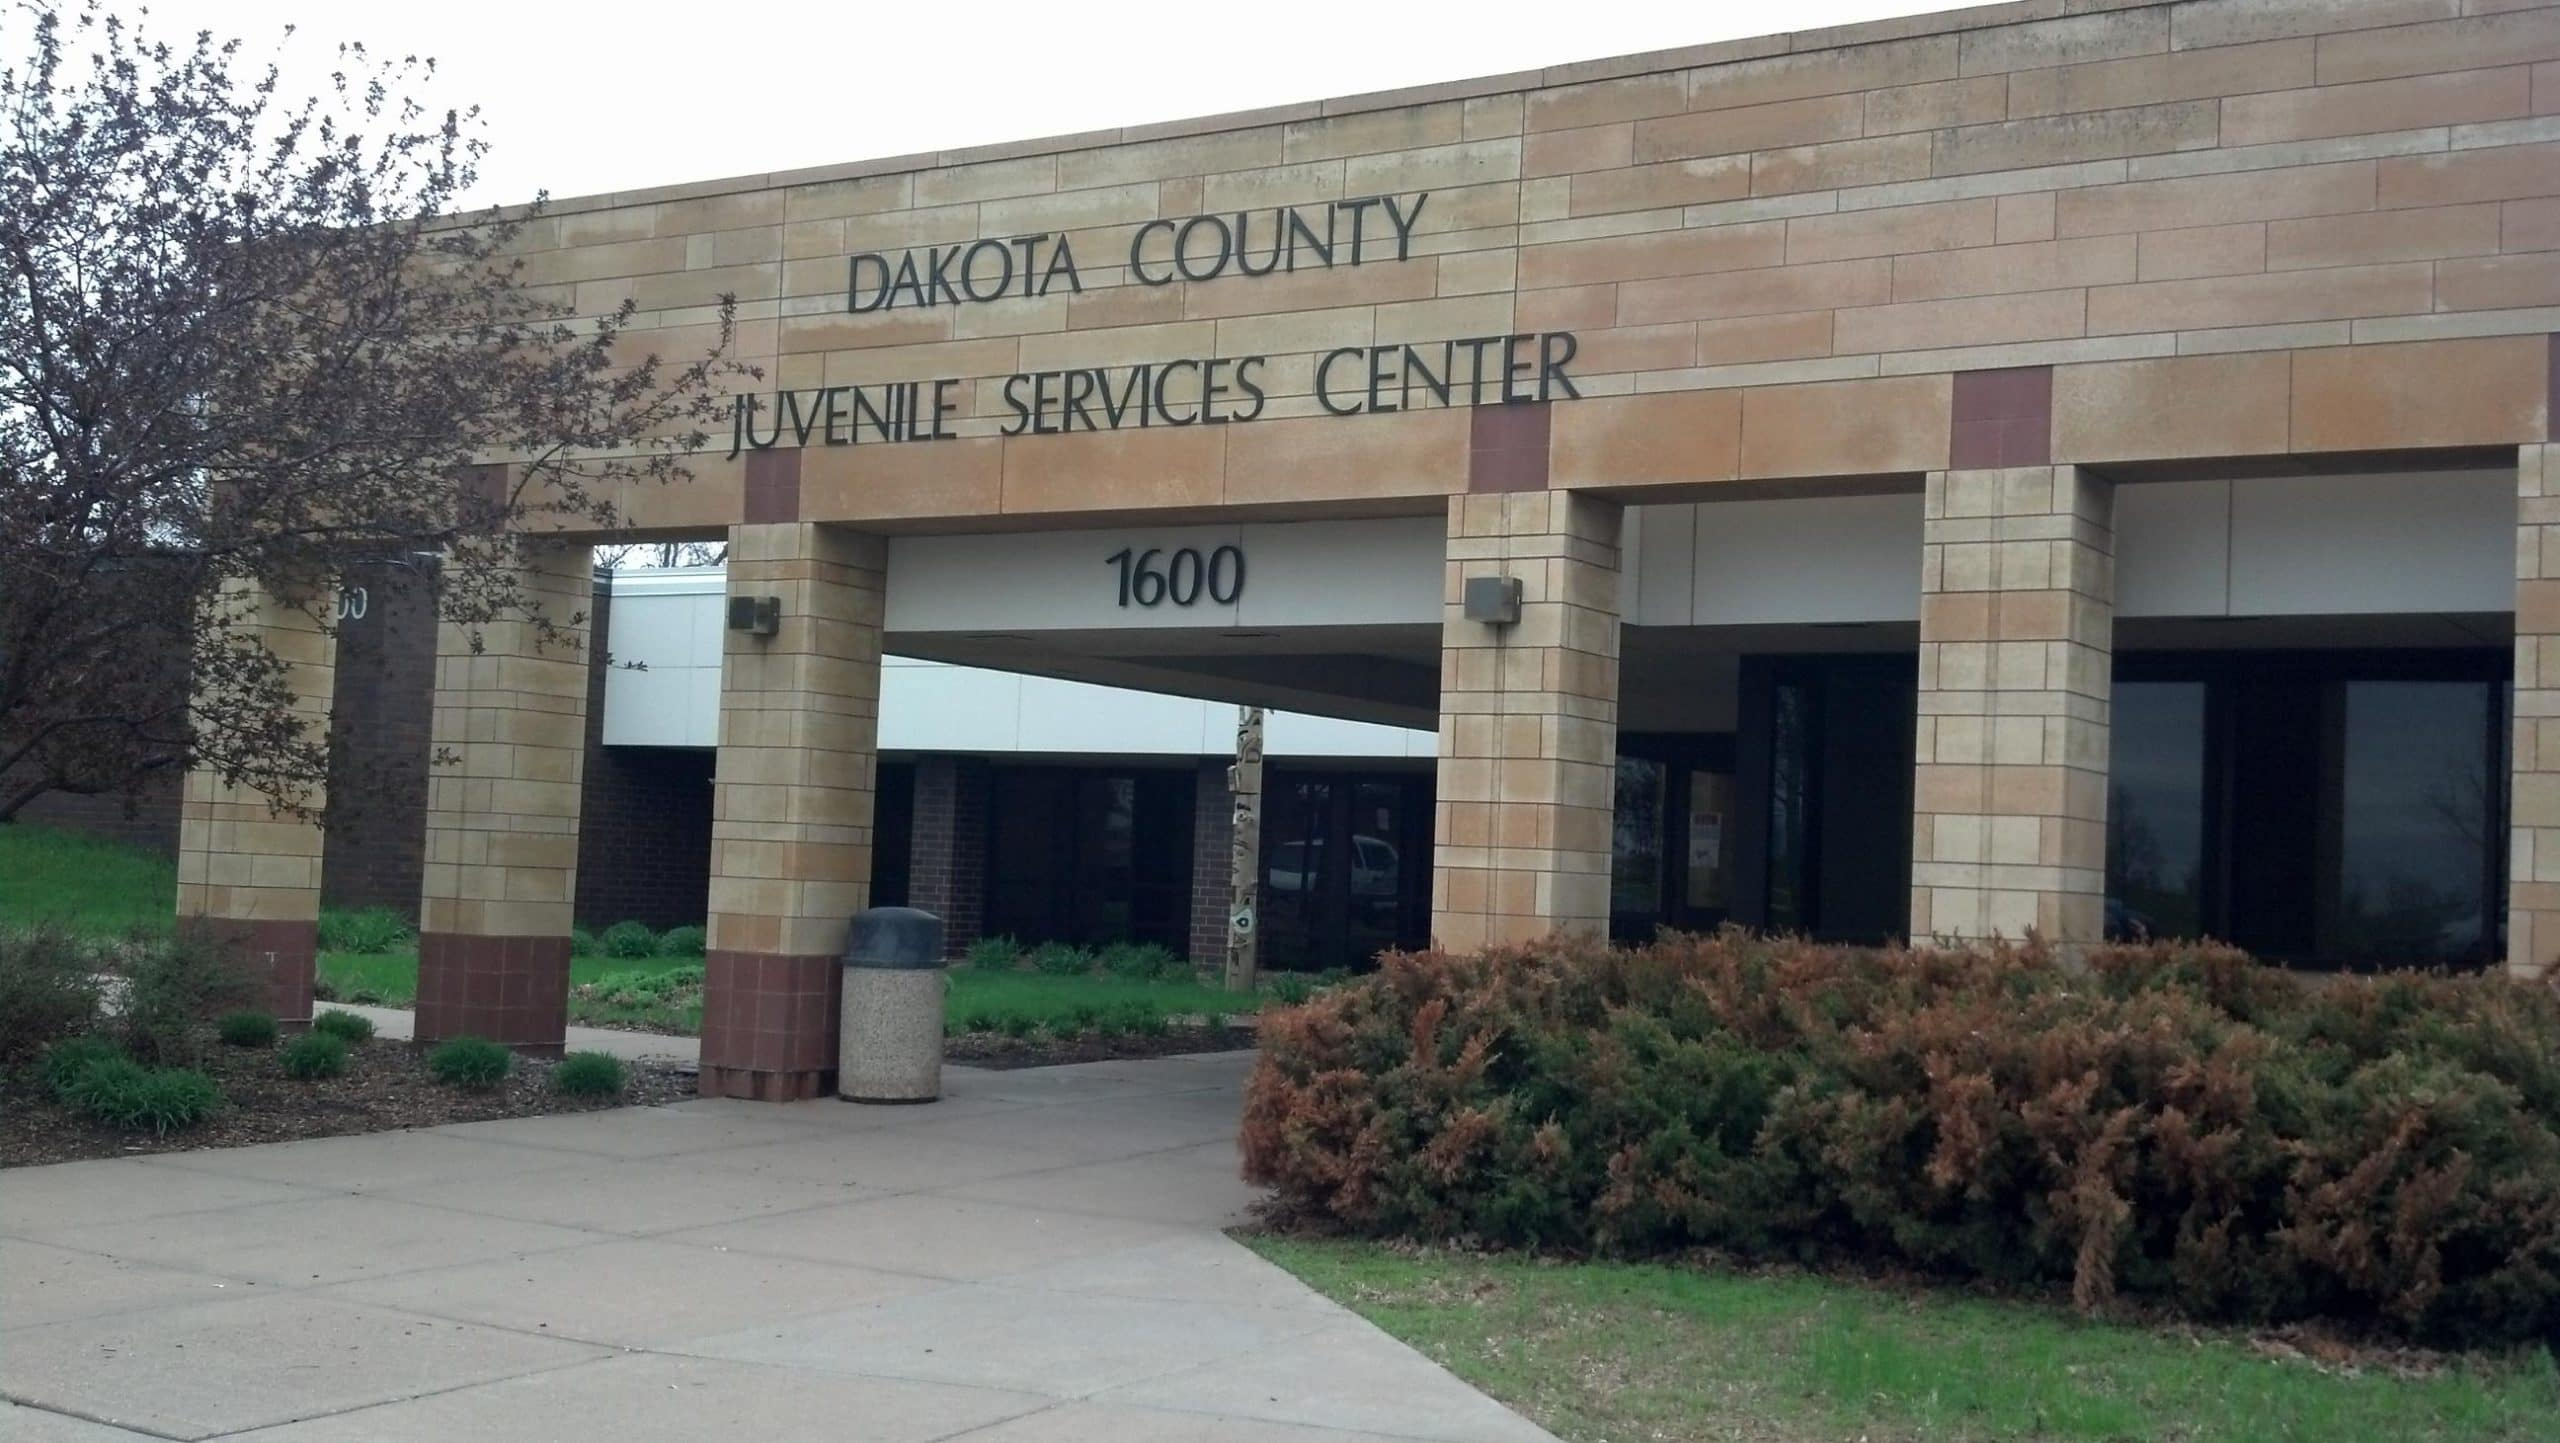 Dakota County Juvenile Services Center